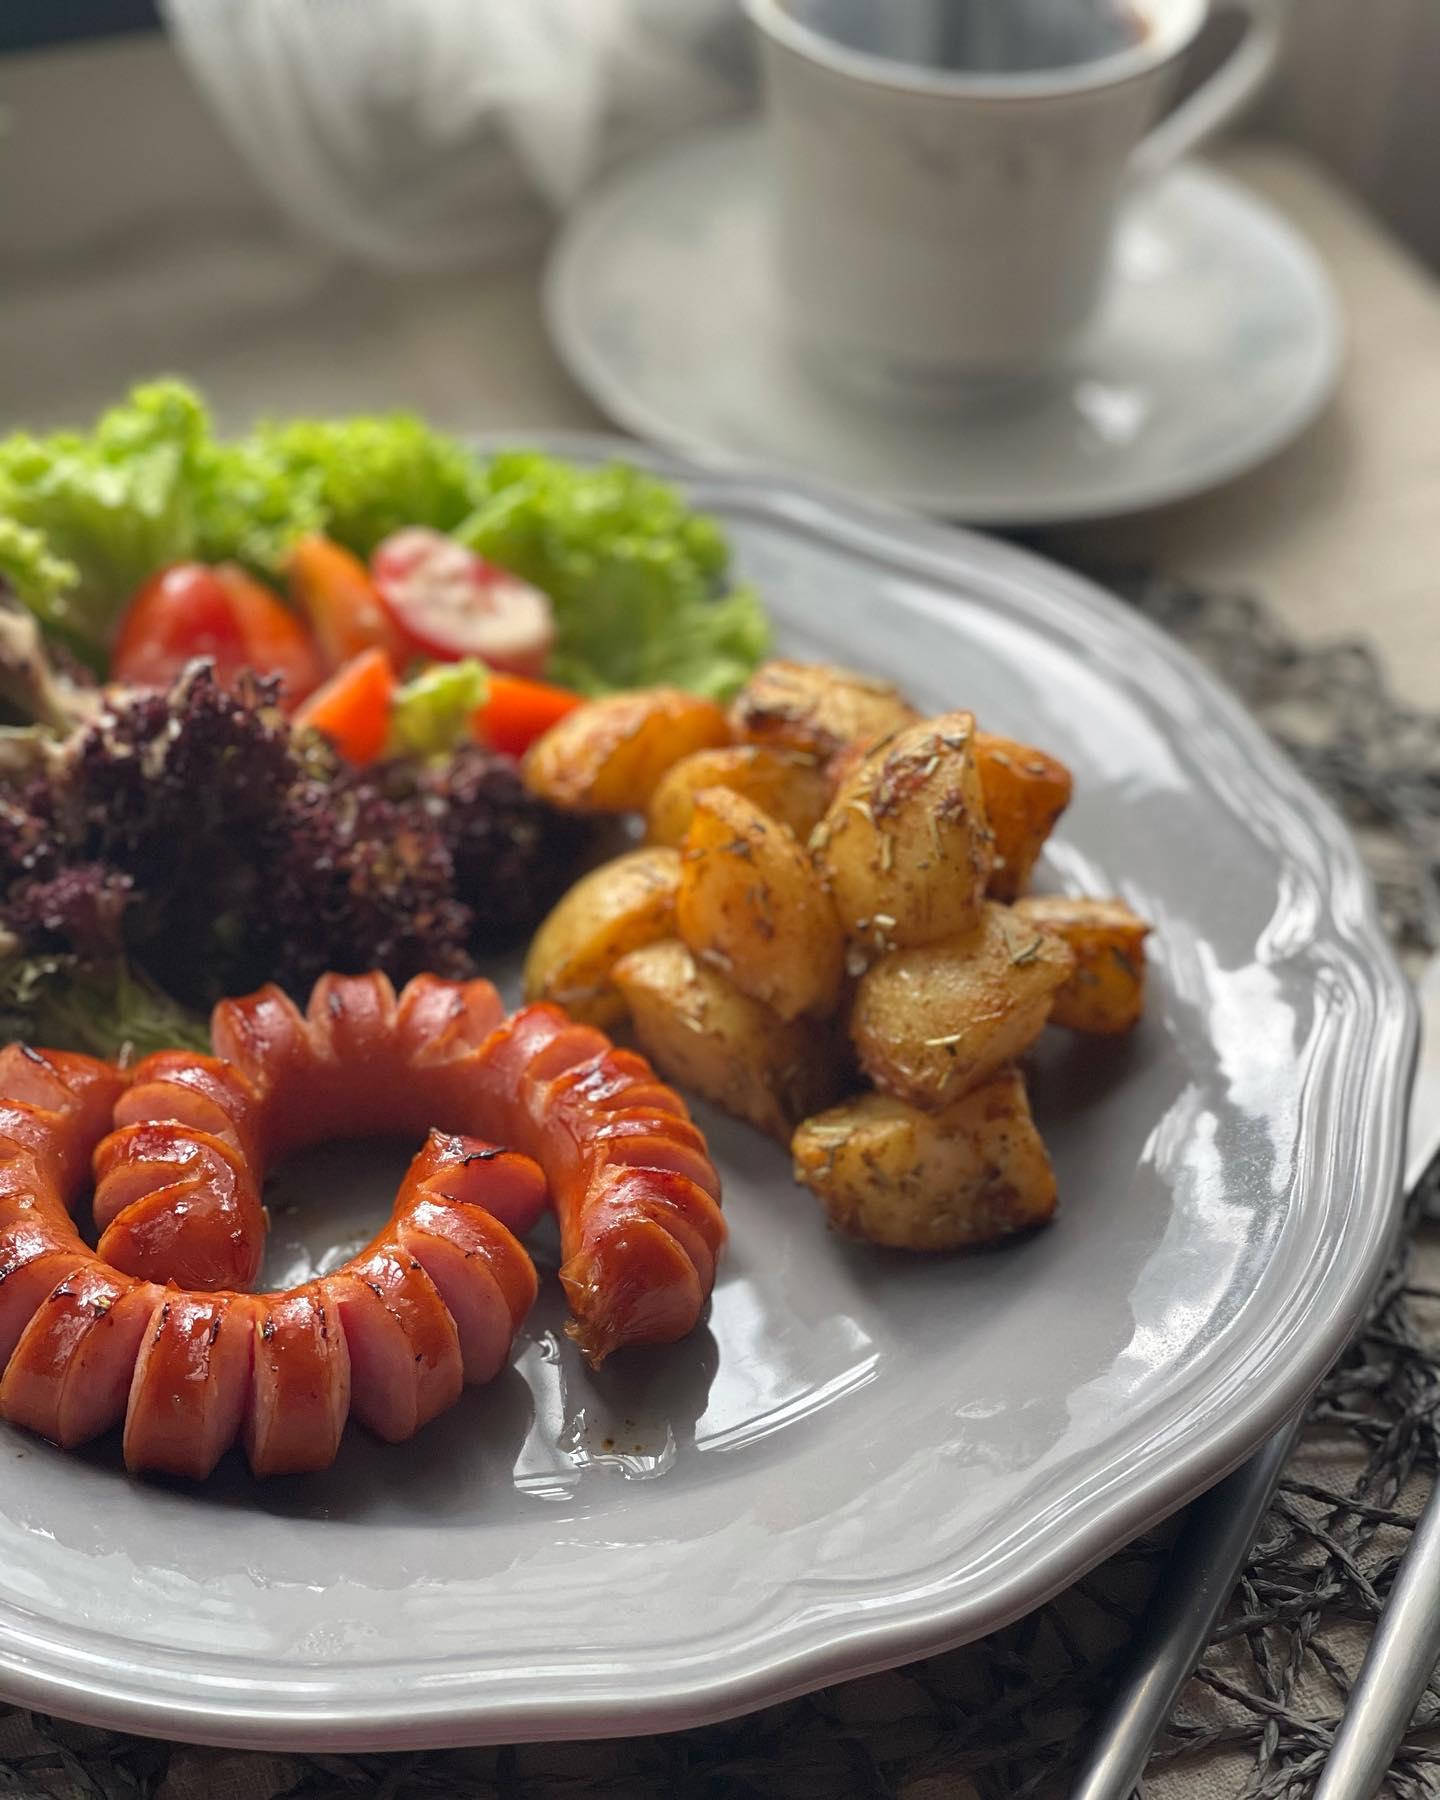 Smoky Sausage, Roasted Truffle Potatoes and Side Salad - House of Hazelknots